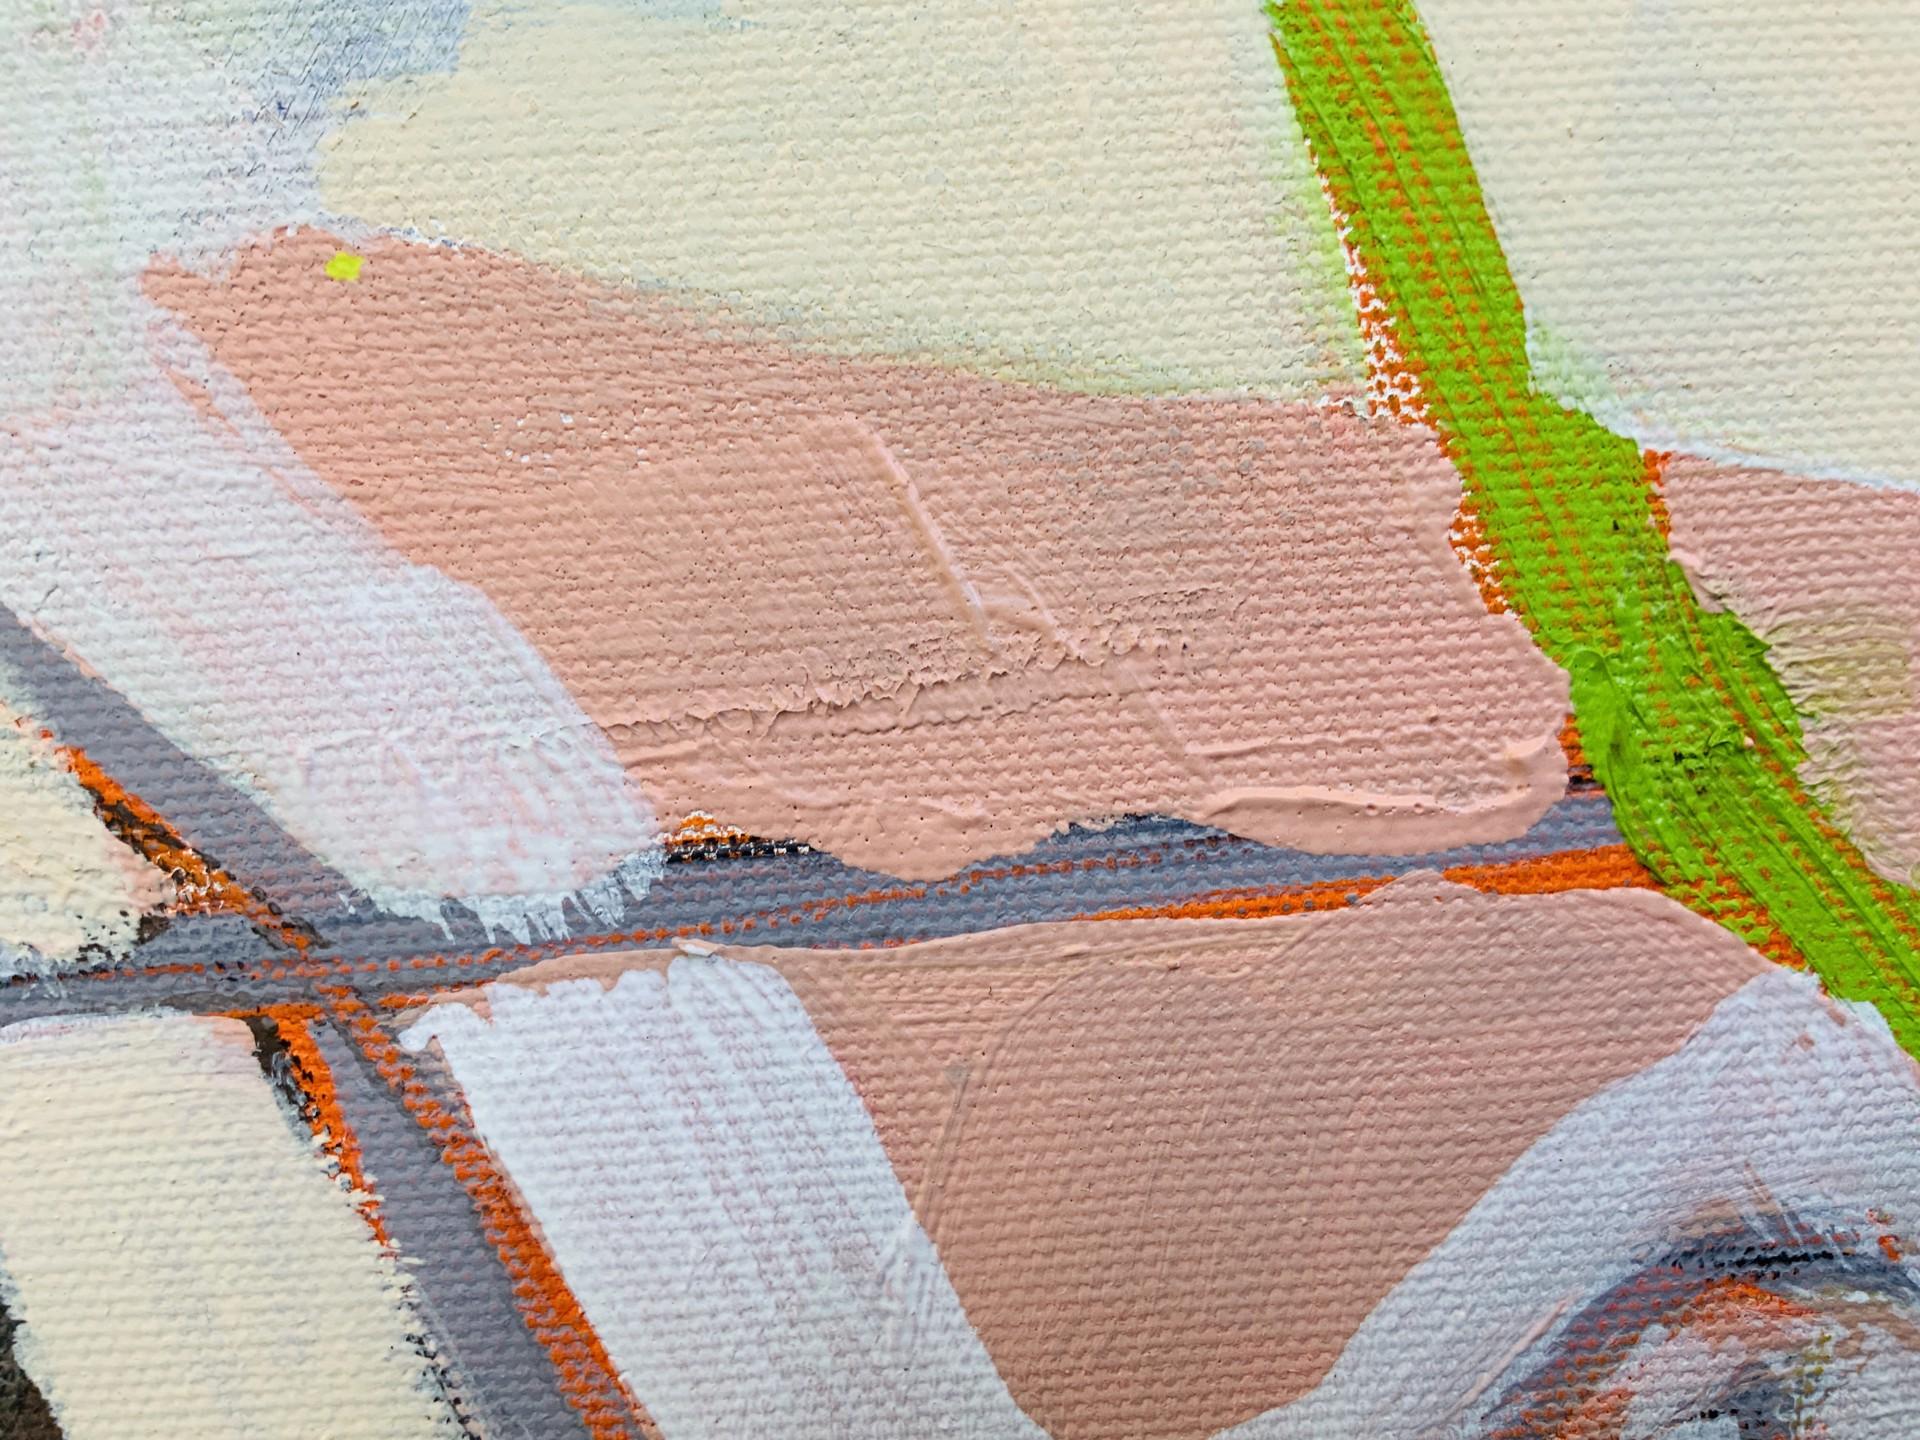 Grosbeak by Steven Page Prewitt